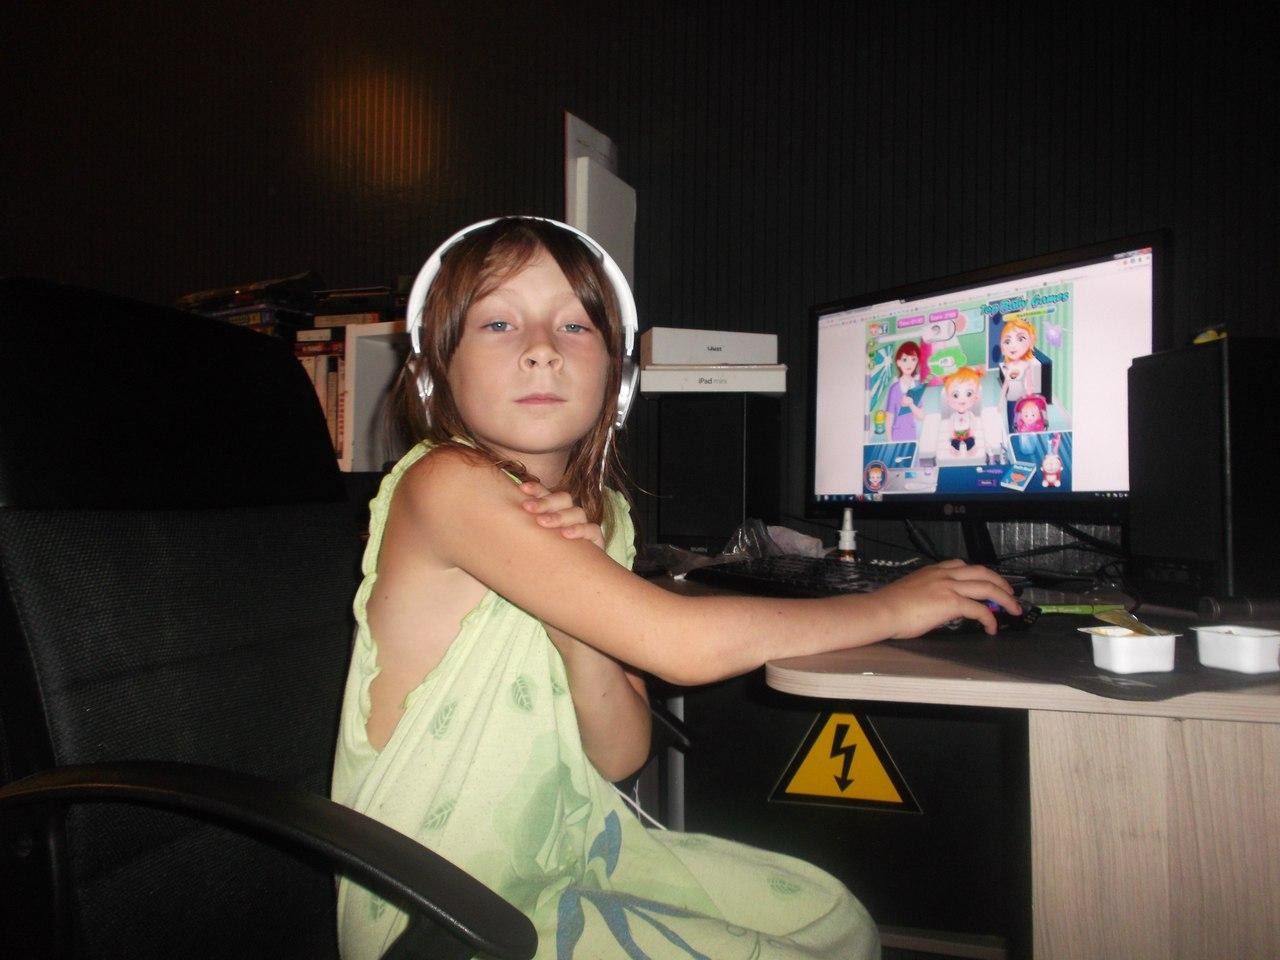 за компом.... Дети в интернете